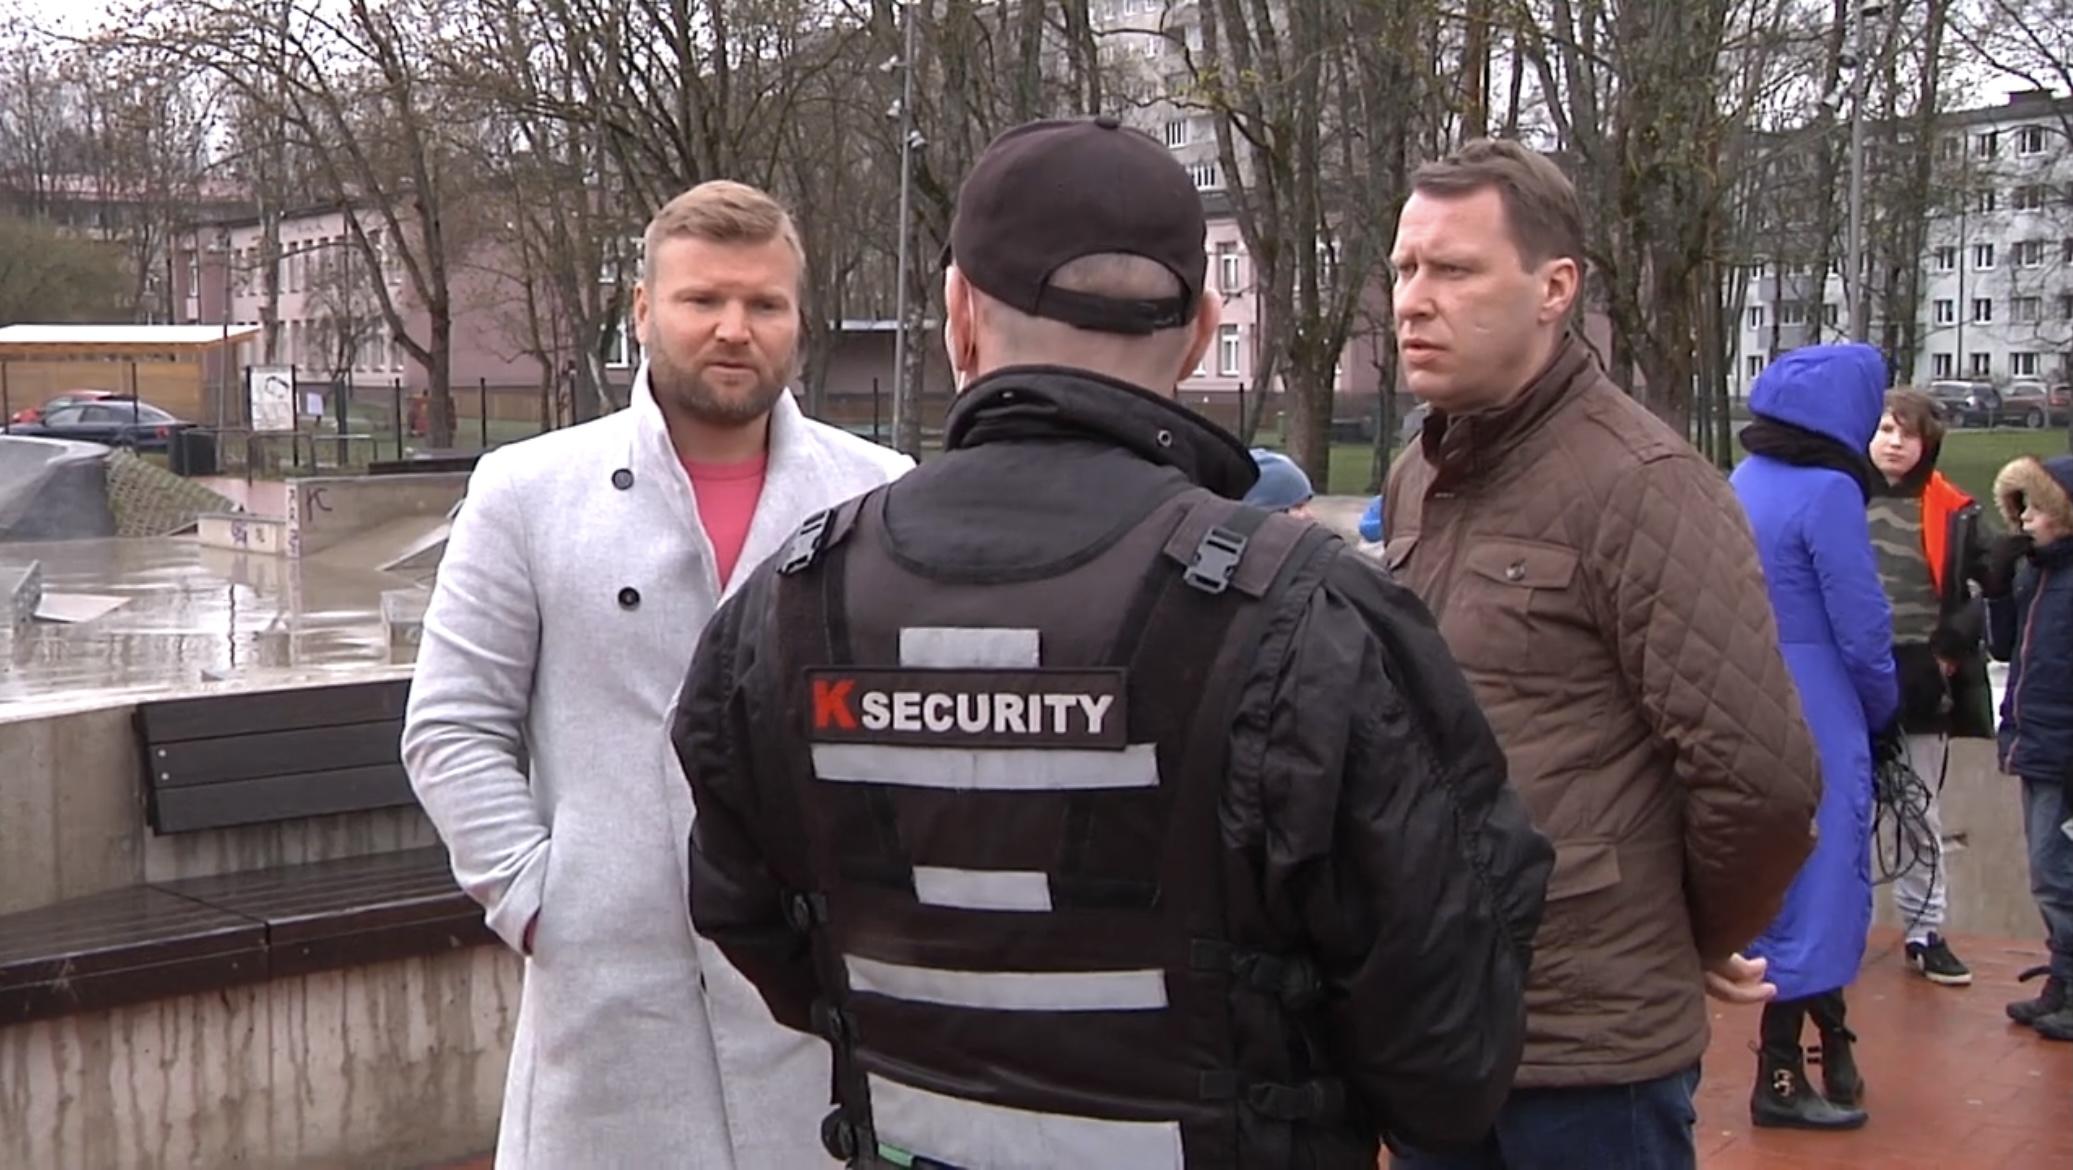 Mustamäe LOV ja K Security teevad koostööd